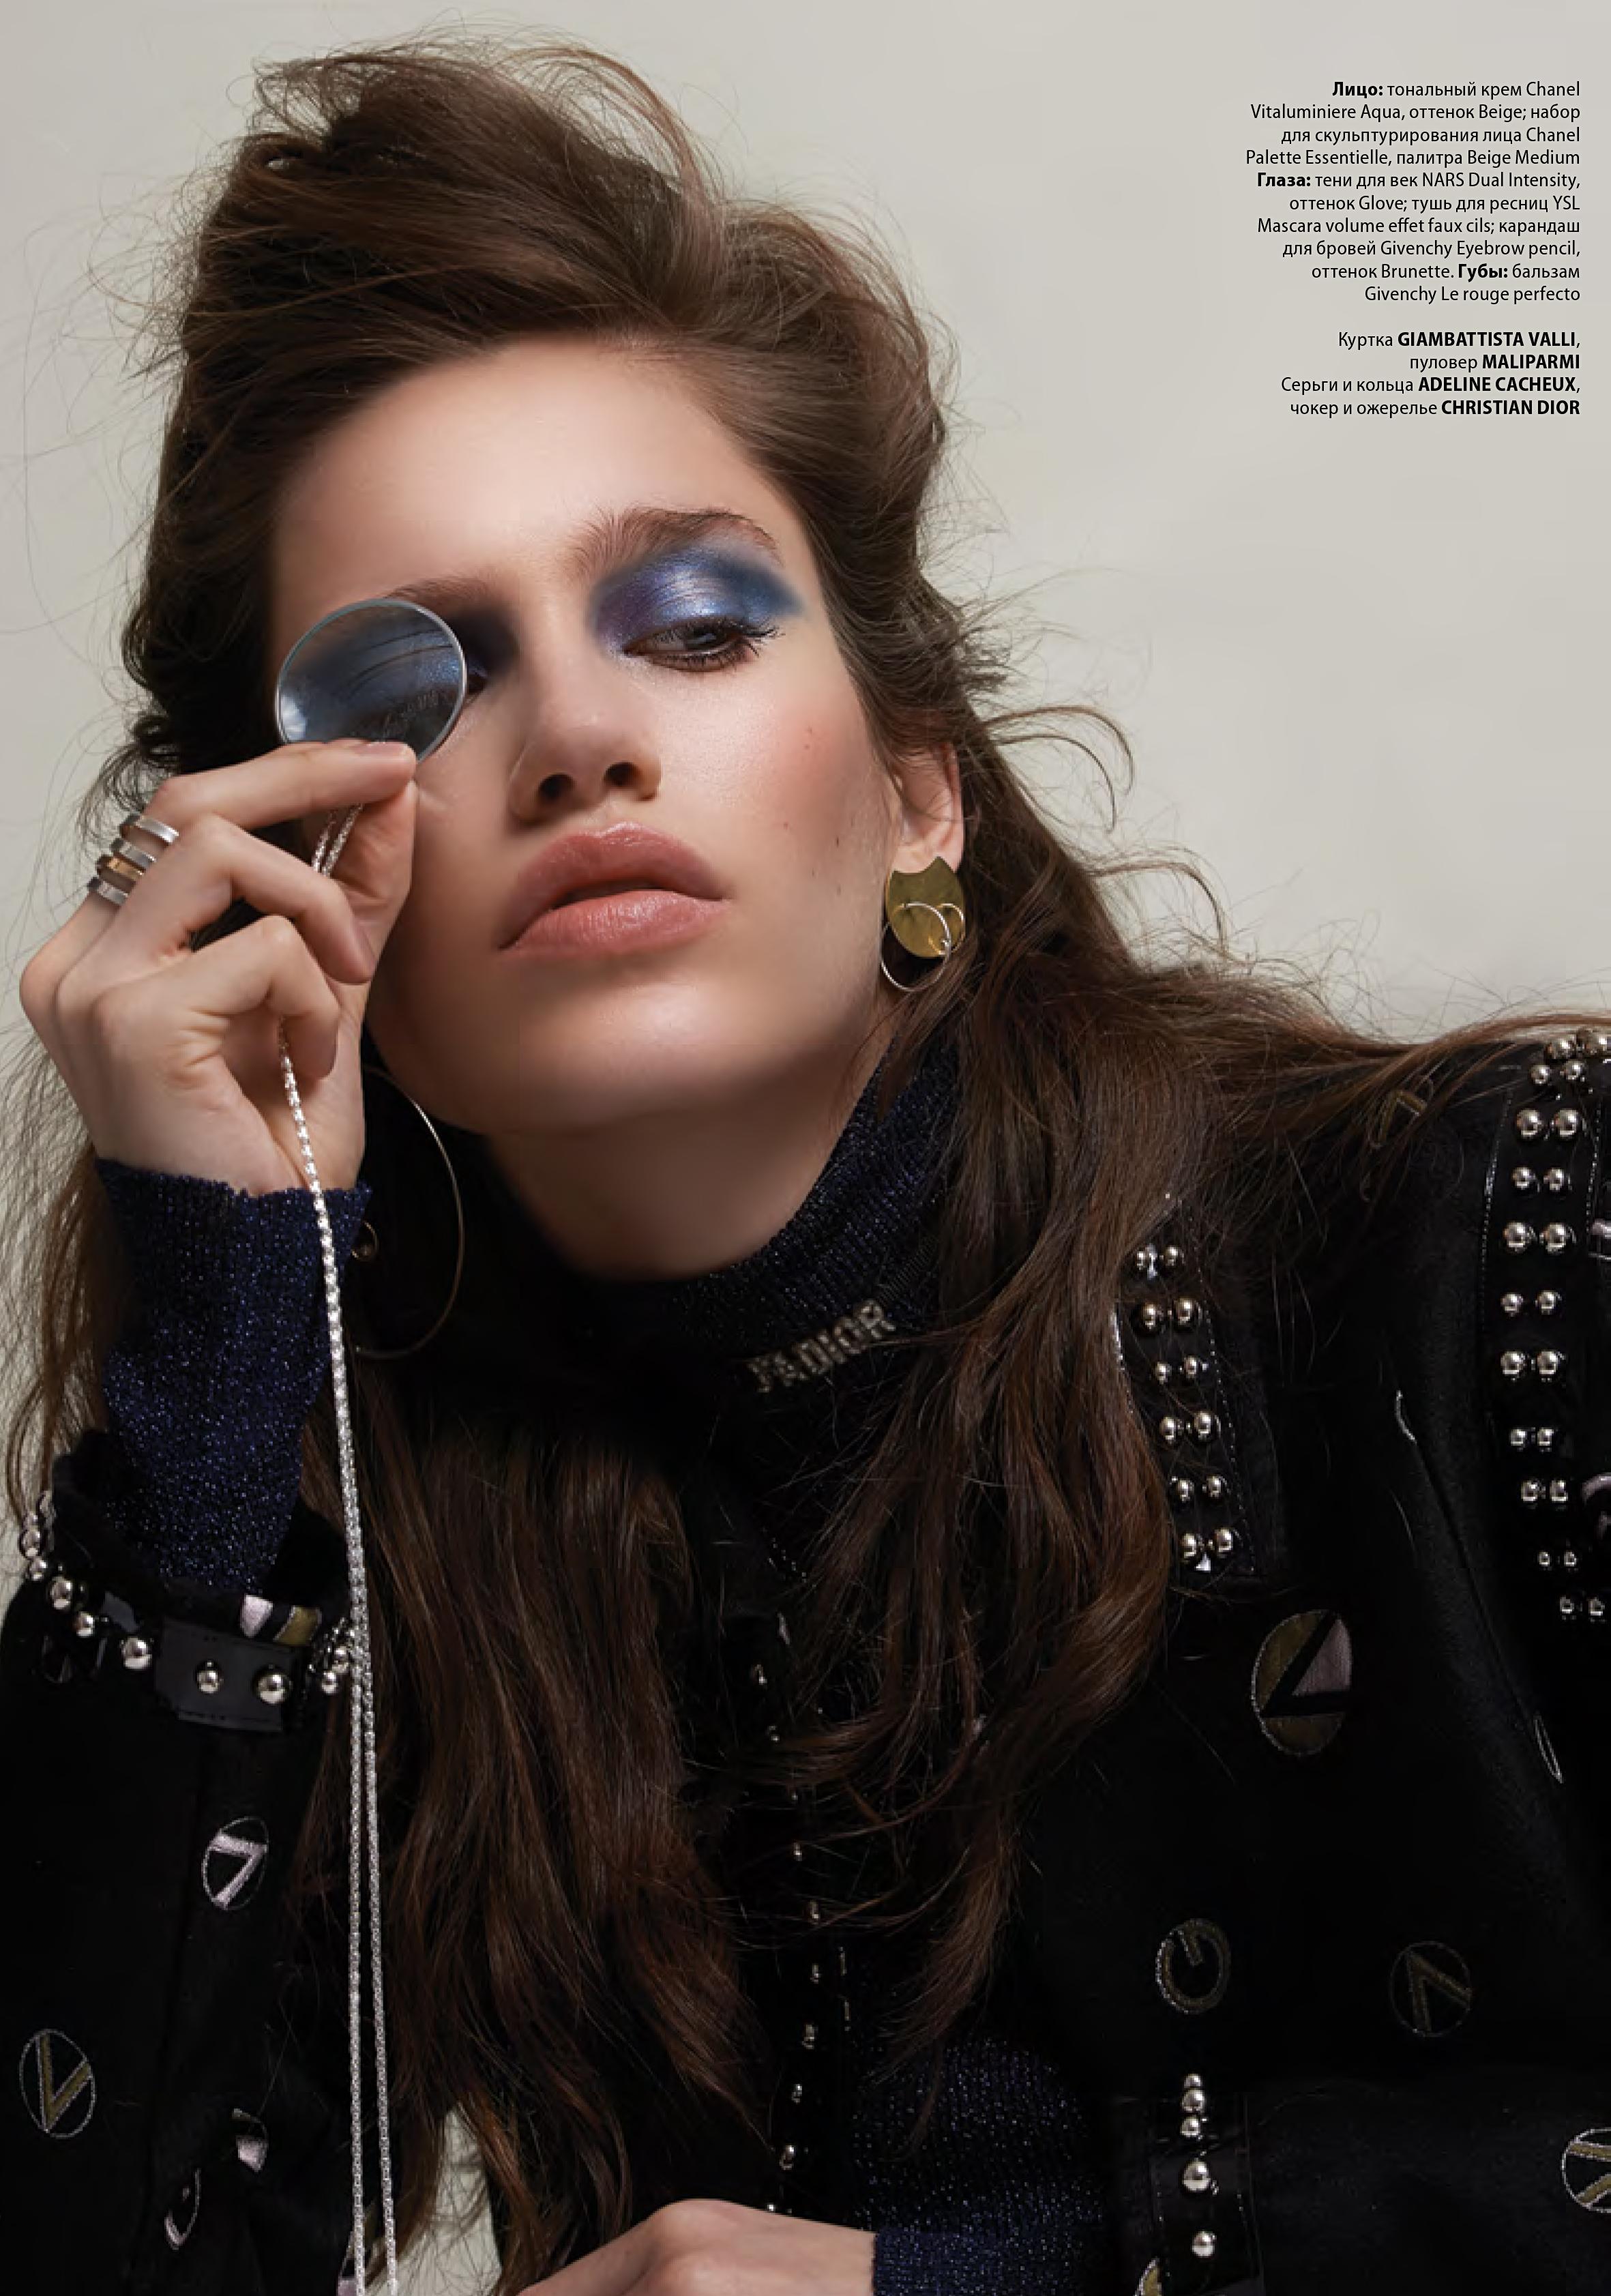 Victoria Lehmann @premium